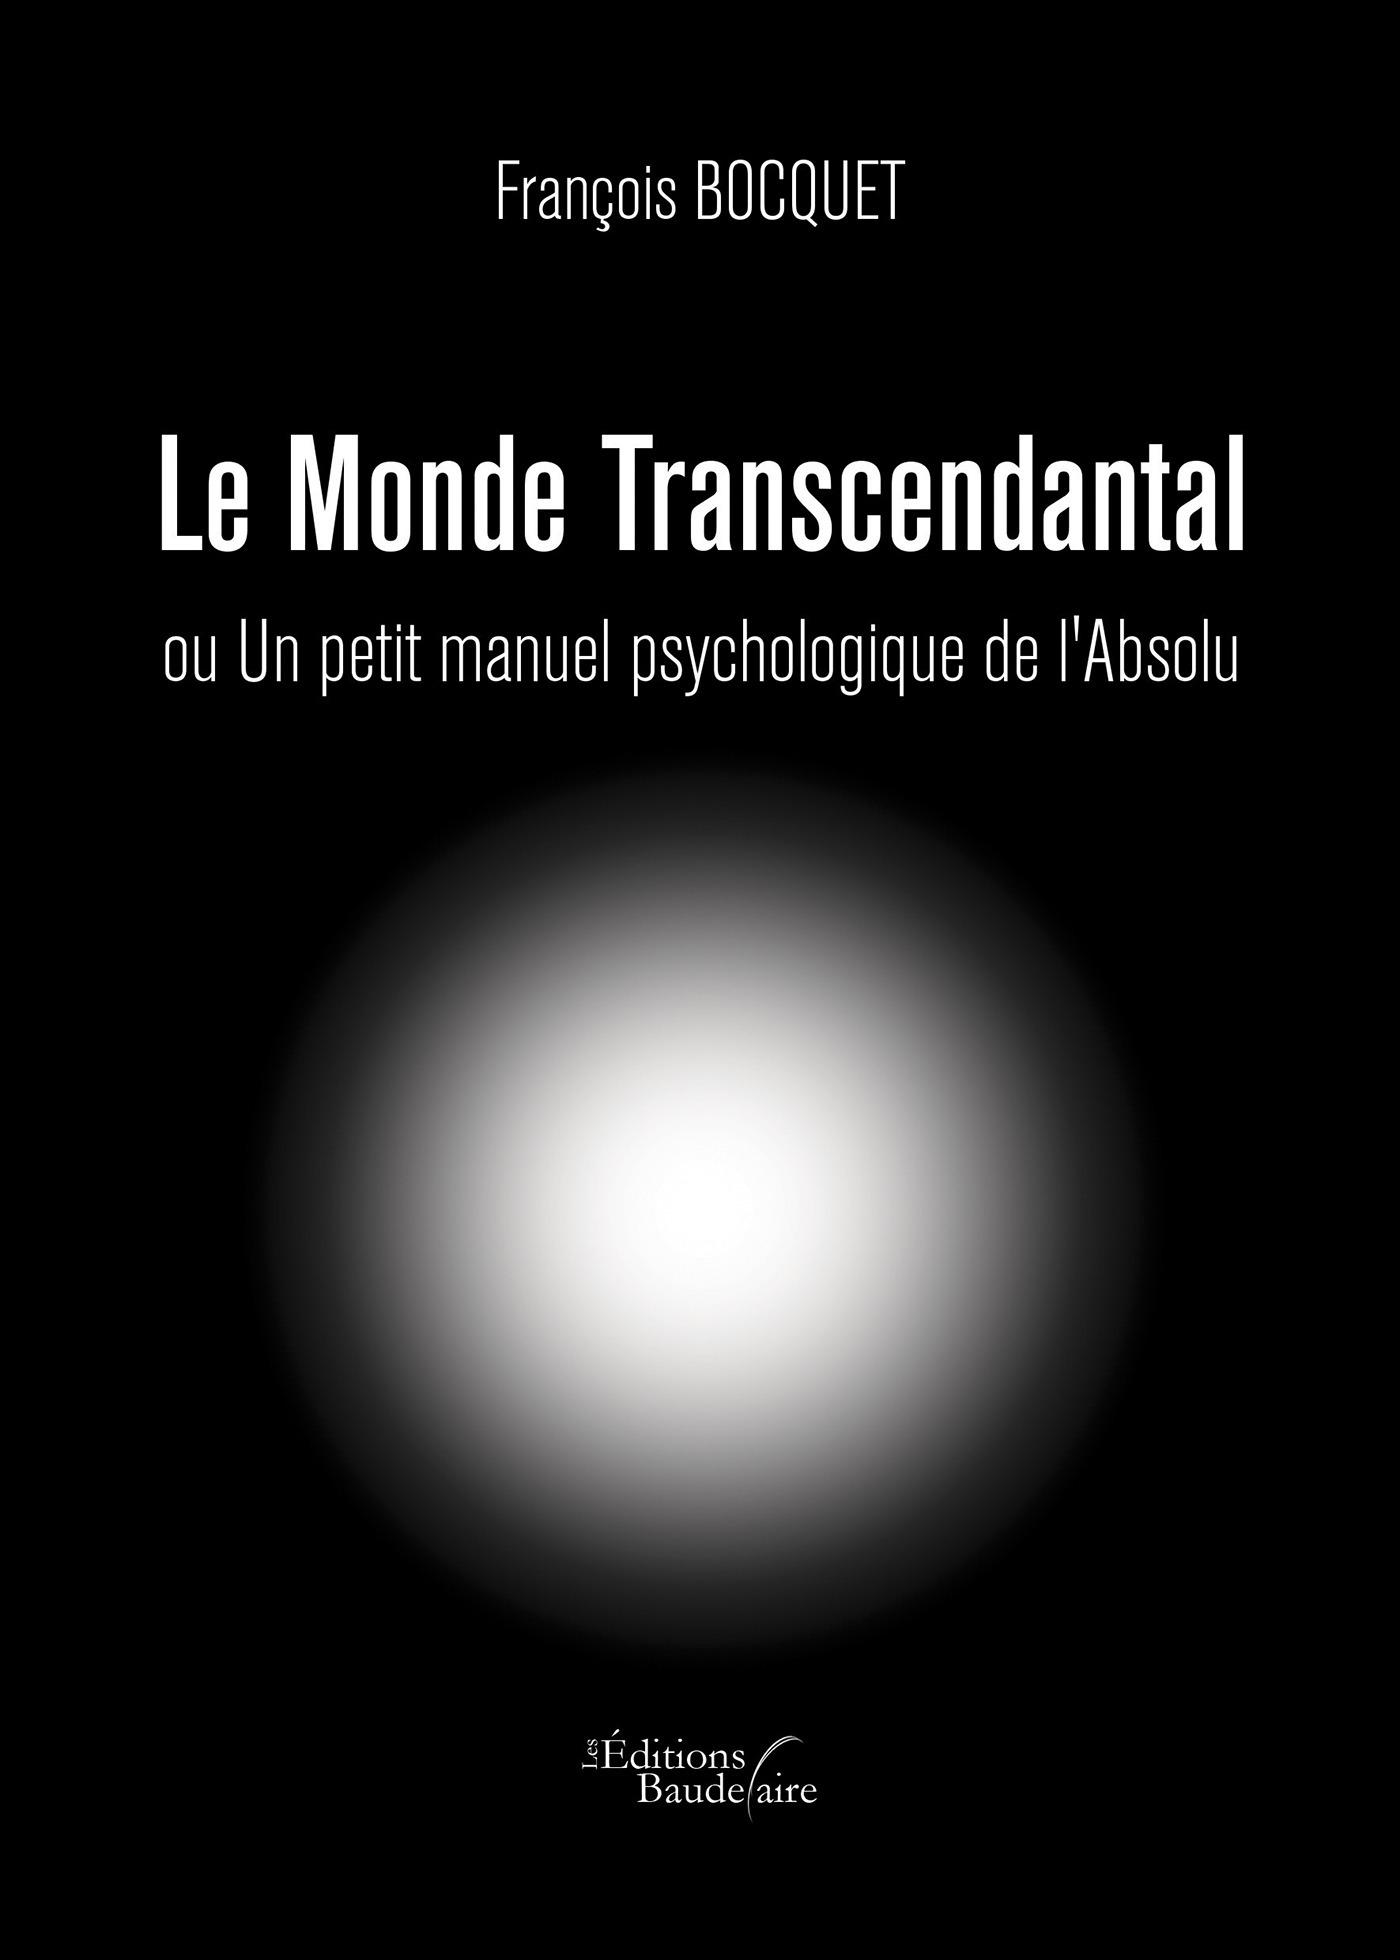 François Bocquet Le Monde Transcendantal ou Un petit manuel psychologique de l'Absolu